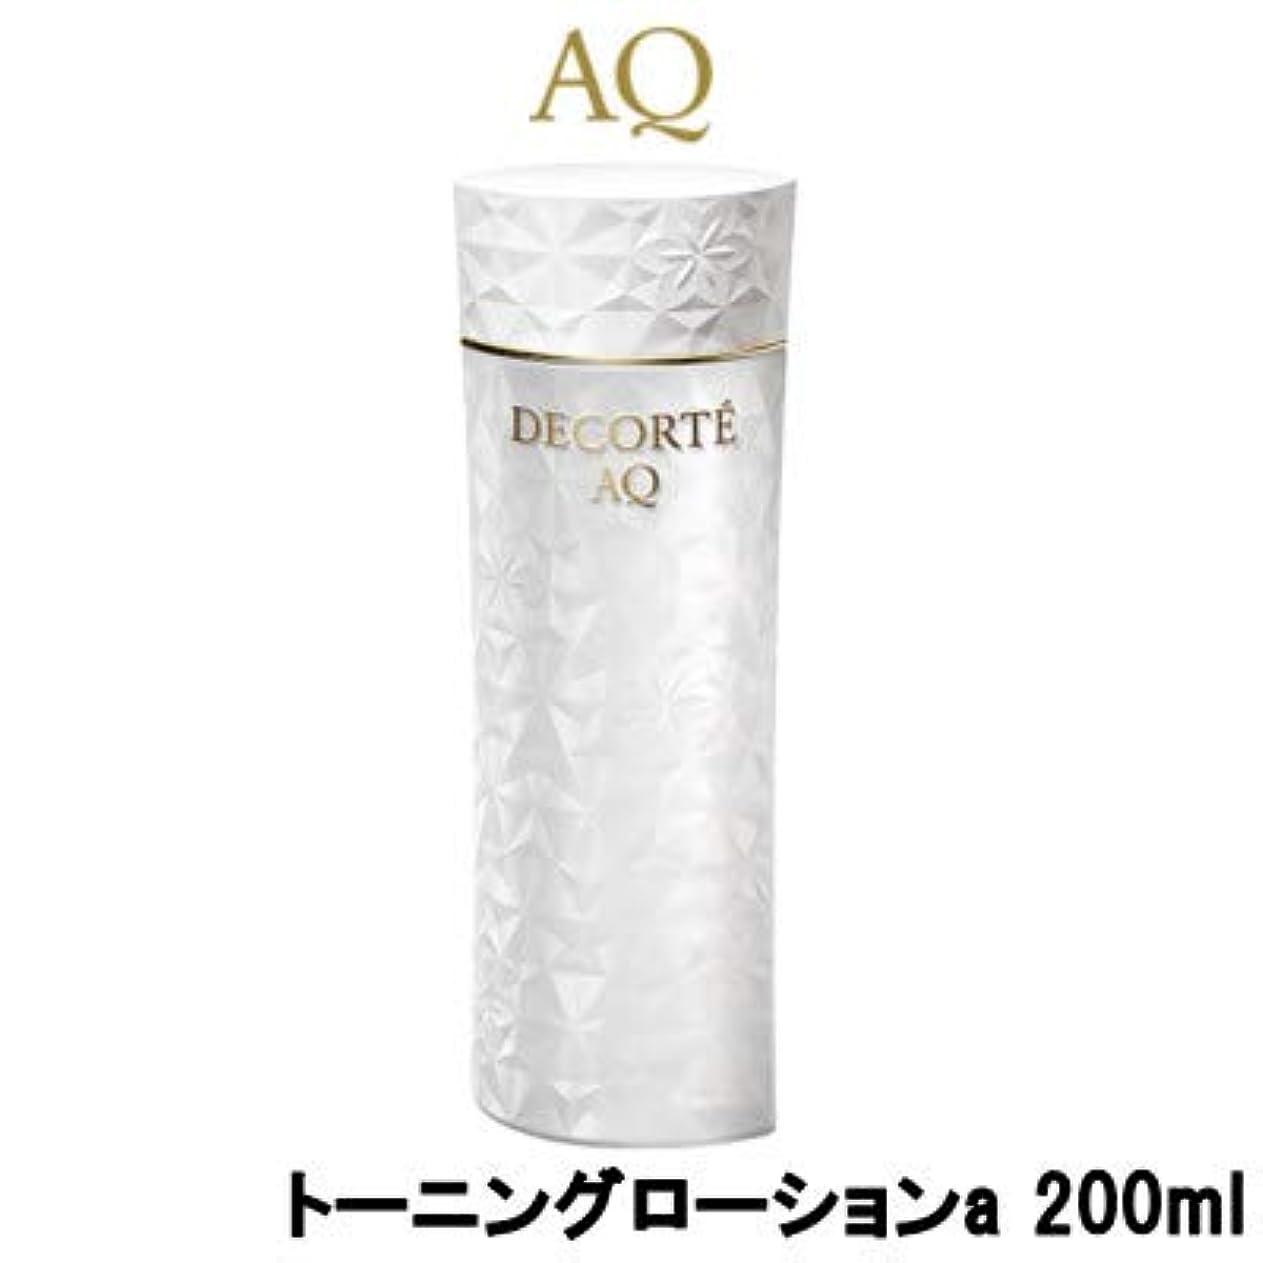 コスメデコルテ AQ トーニングローションa(200ml)